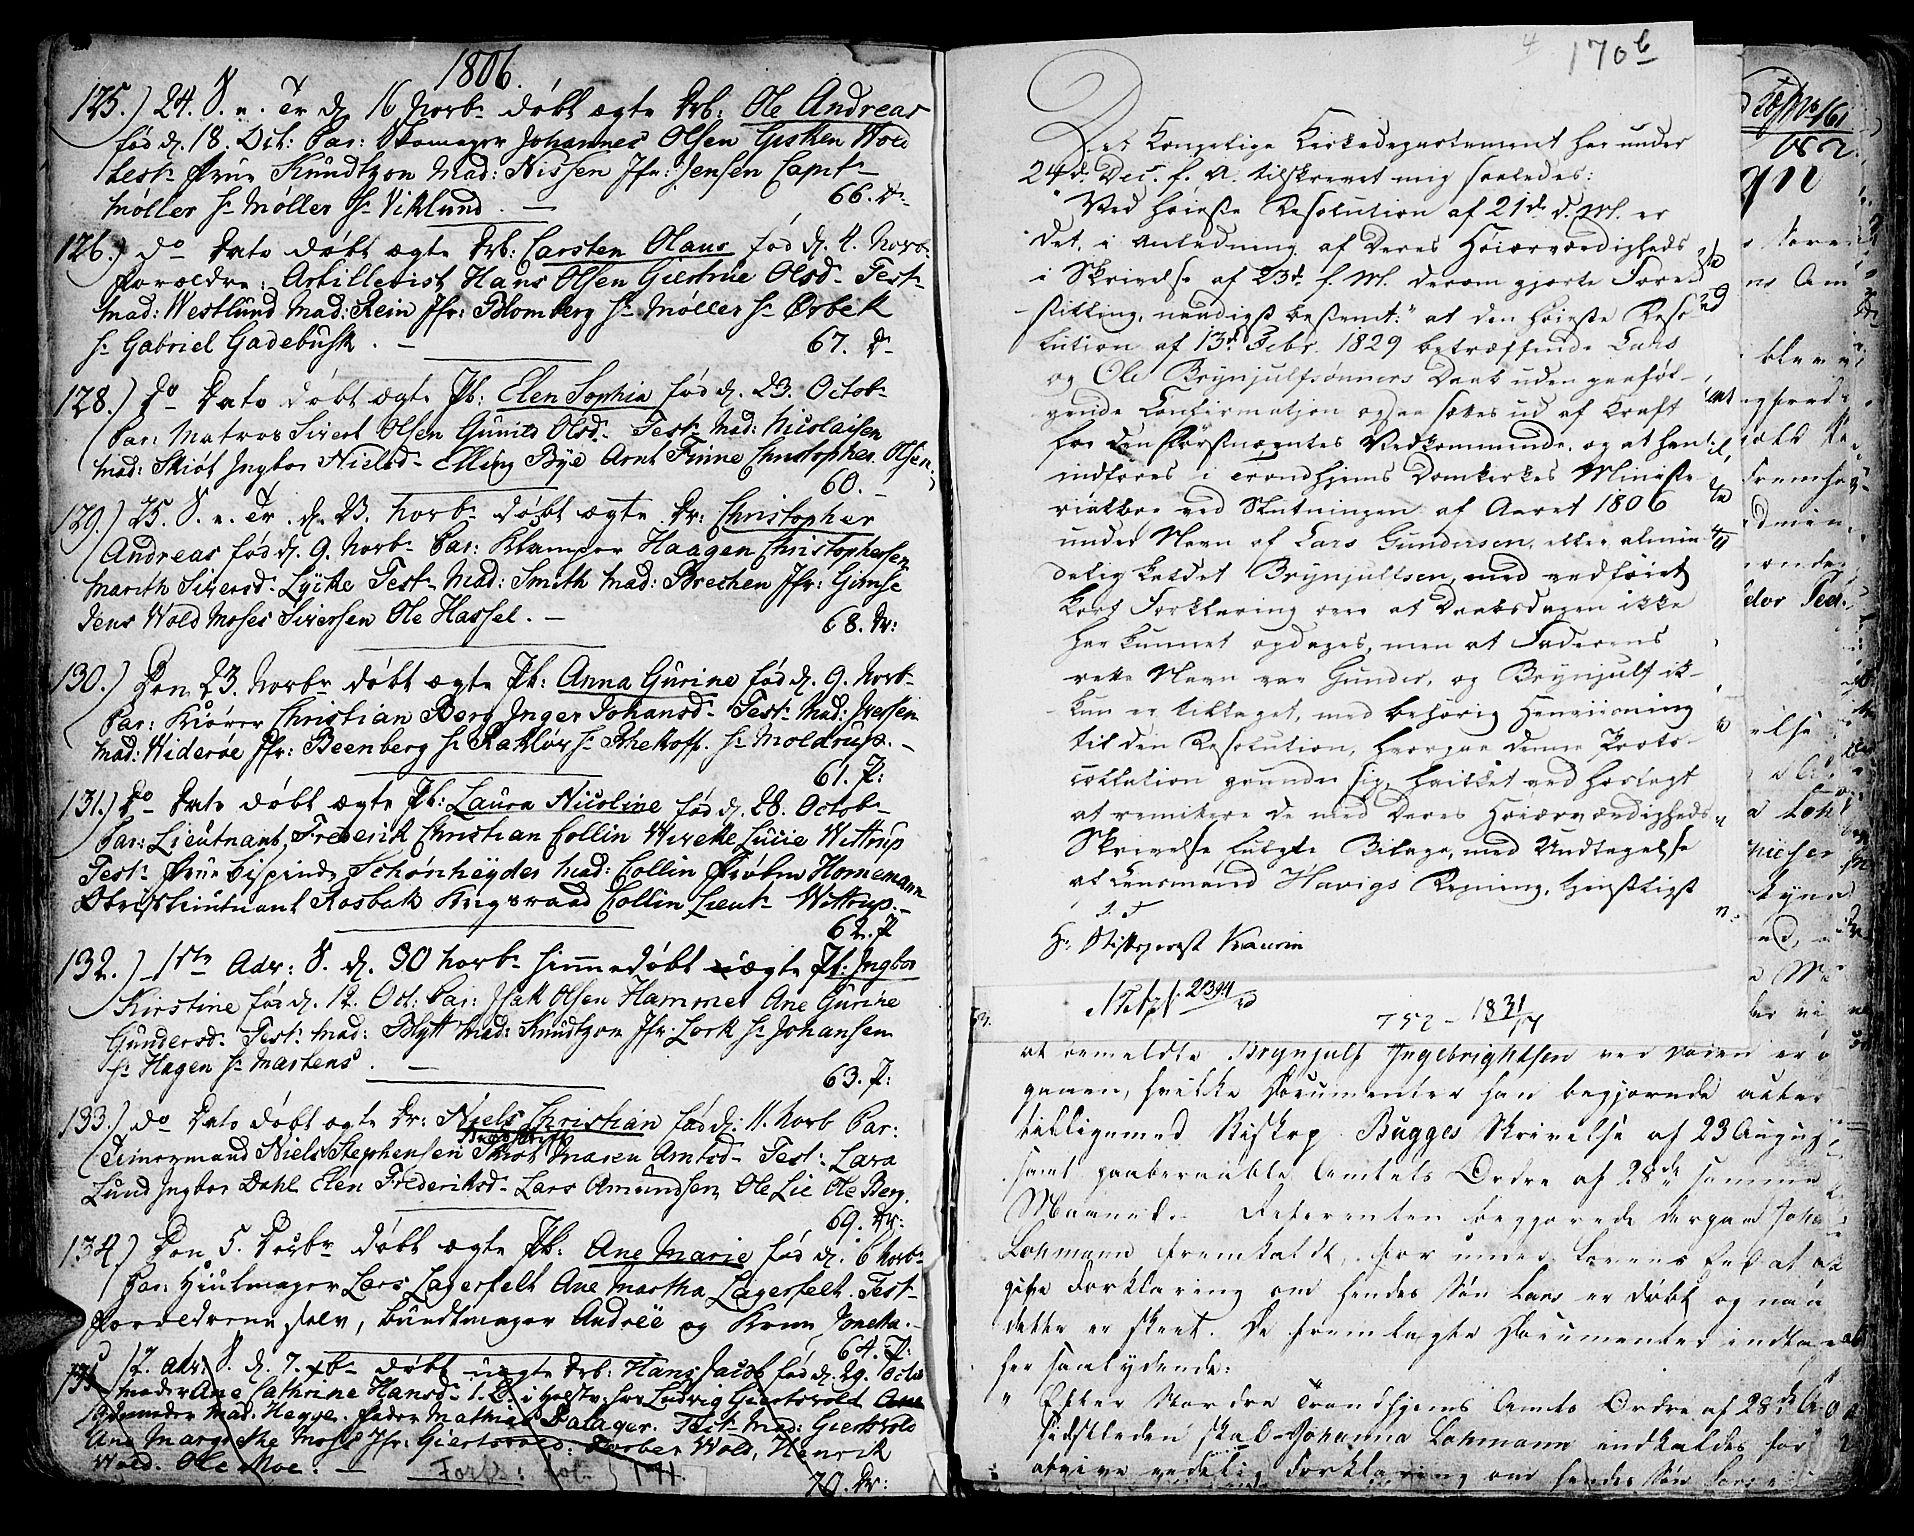 SAT, Ministerialprotokoller, klokkerbøker og fødselsregistre - Sør-Trøndelag, 601/L0039: Ministerialbok nr. 601A07, 1770-1819, s. 170b